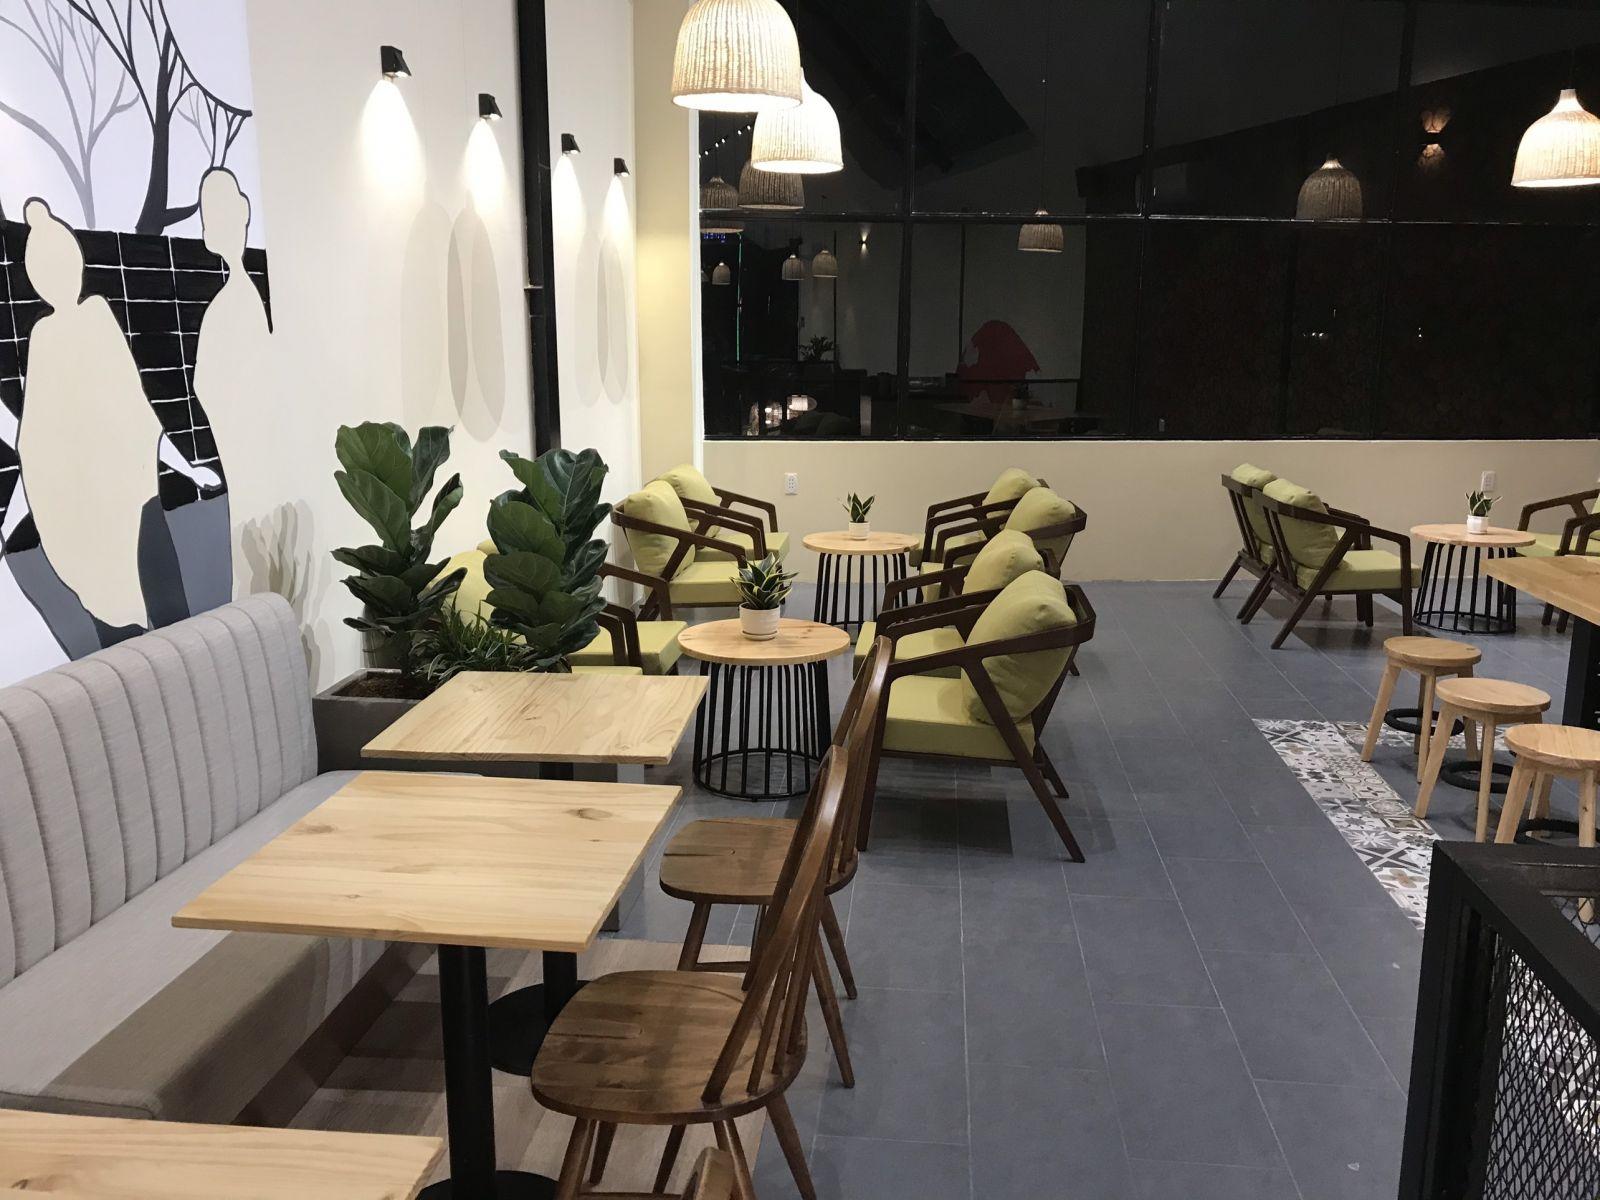 quan-cafe200m2-bom-bom-coffee-tien-giang-18